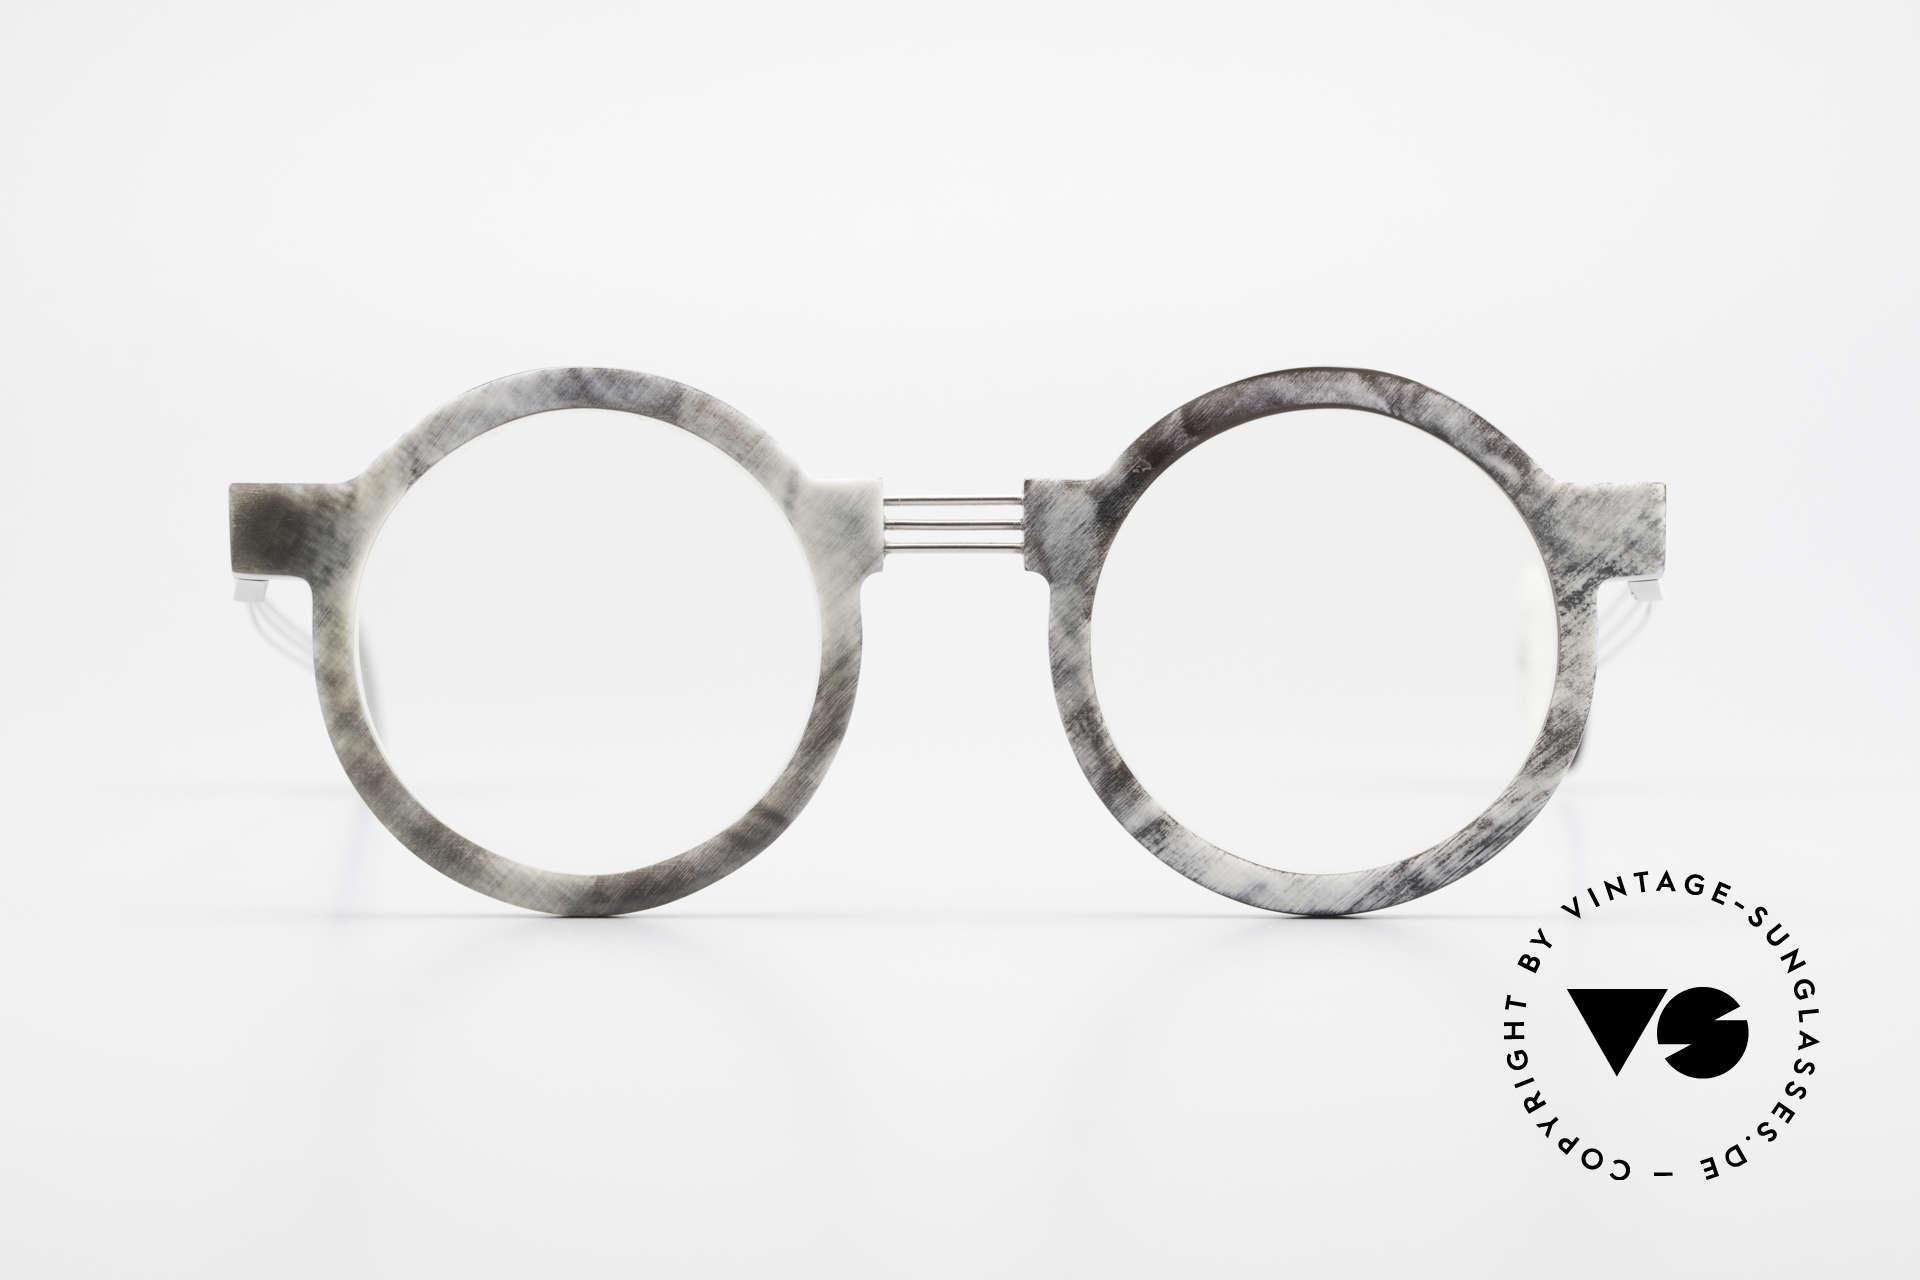 P. Klenk String 027 Echthornbrille Panto Vintage, absolute Rarität aus Büffelhorn in Handarbeit gefertigt, Passend für Herren und Damen